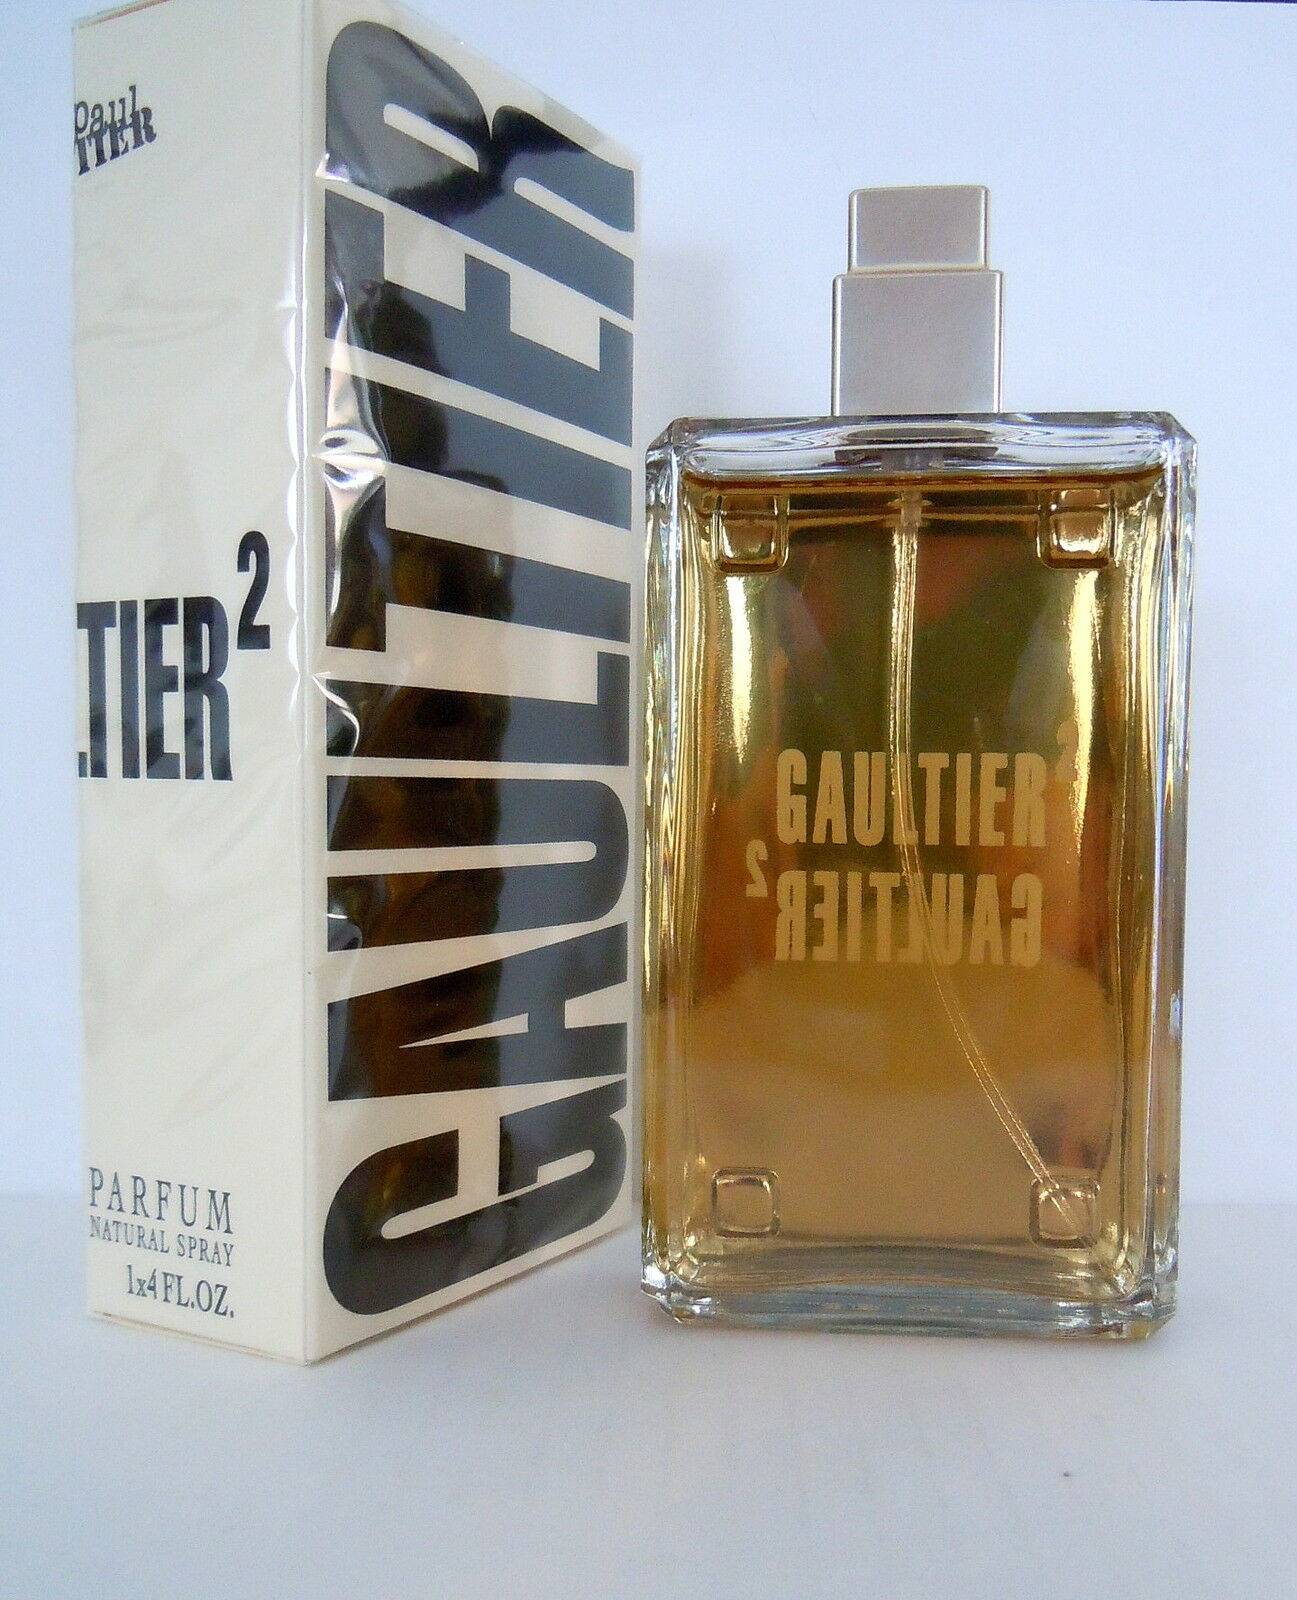 p J Eau Parfum Gaultier 120 Ml ² De wOkXiTPluZ